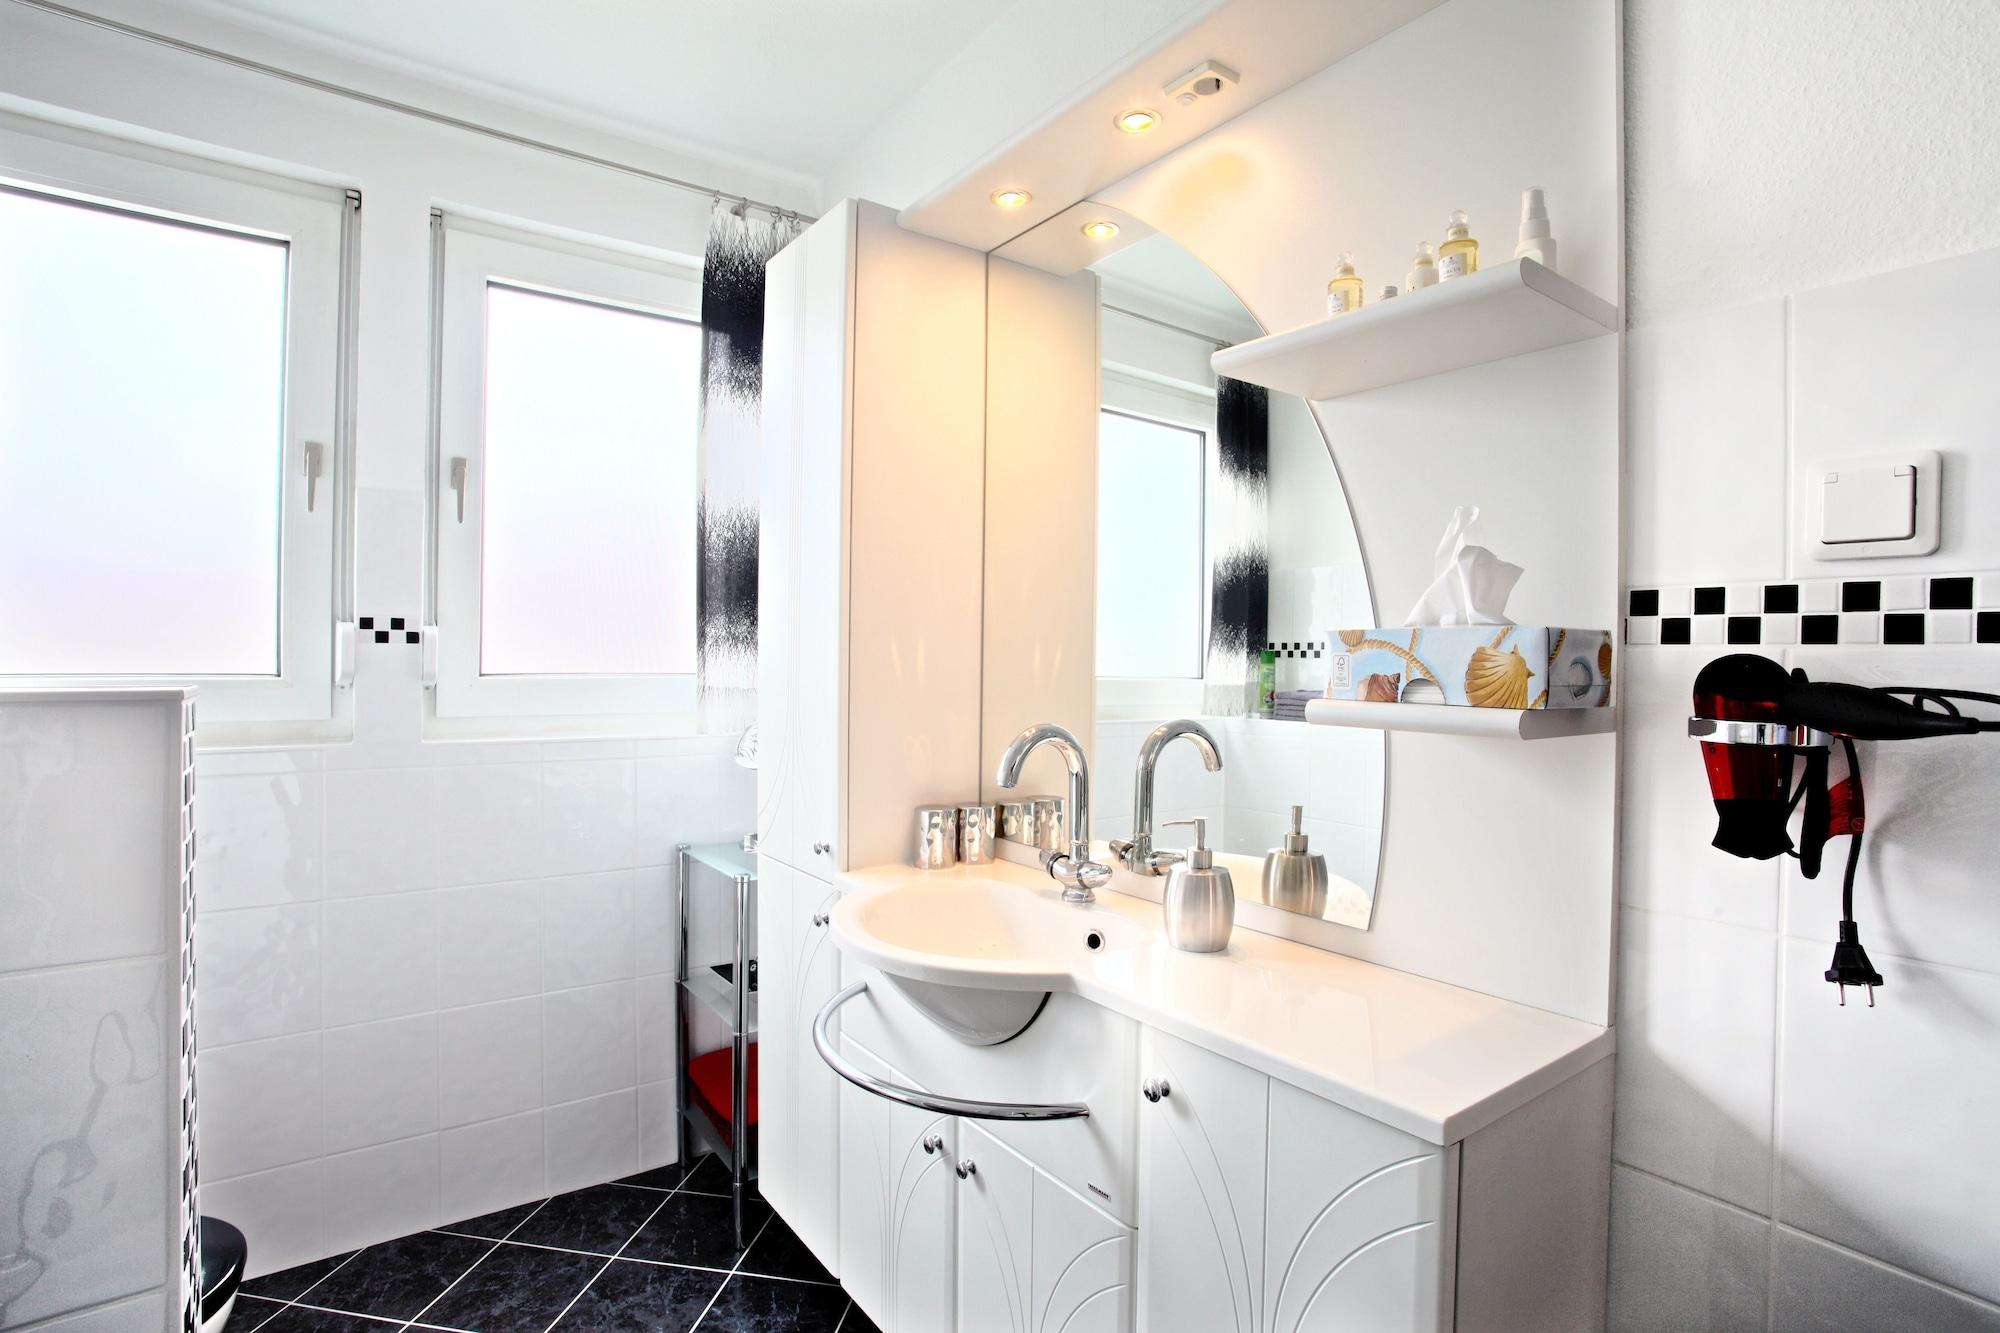 Private Apartment Am Bruchgraben, Hildesheim